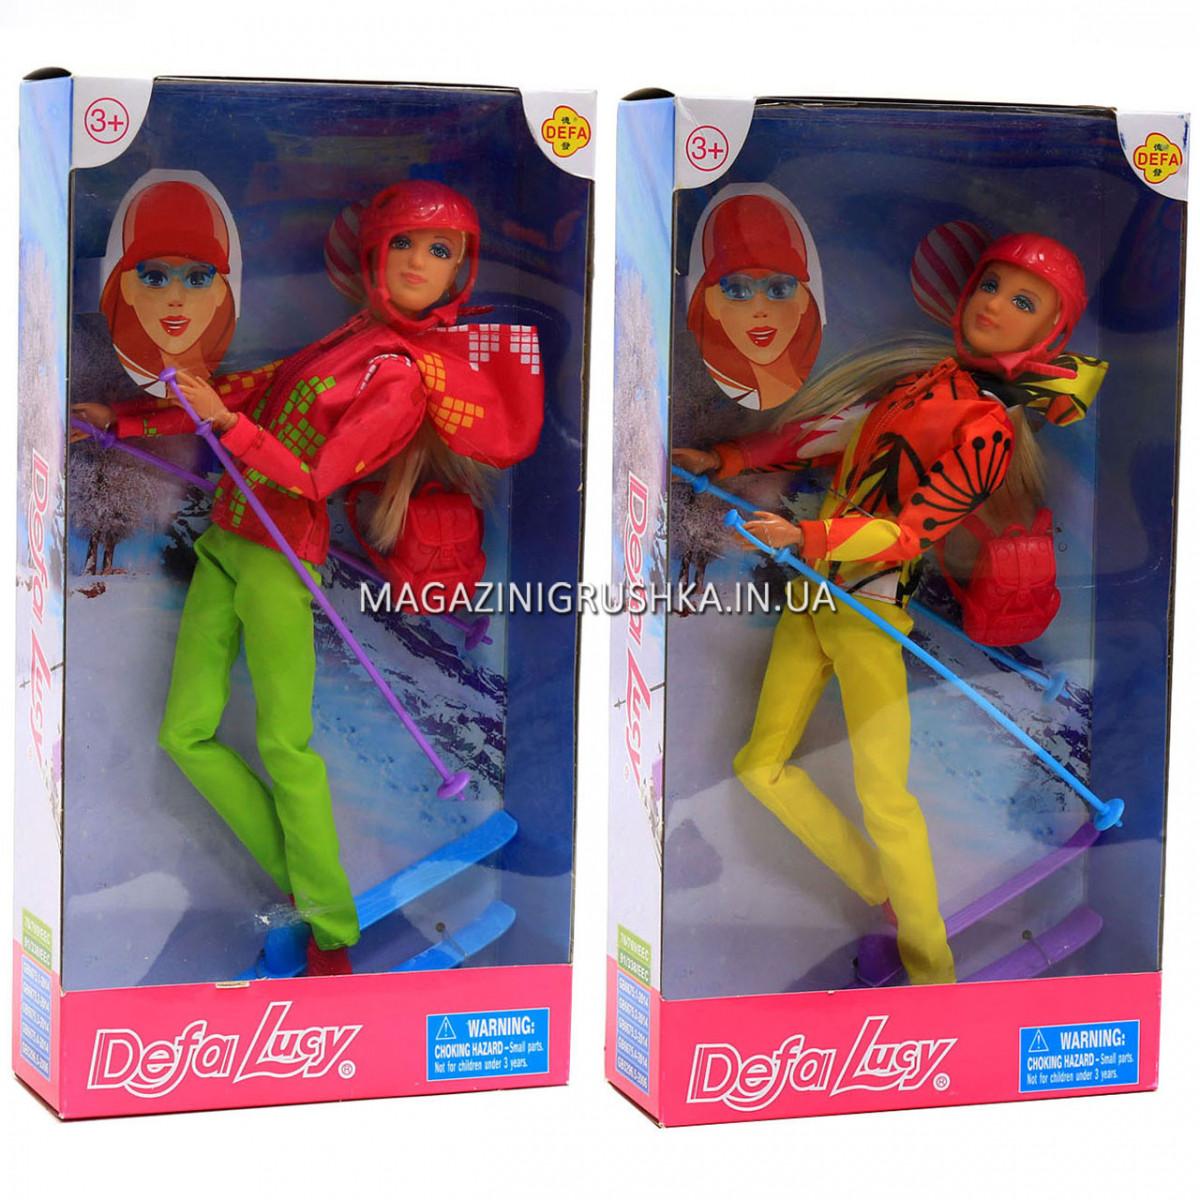 Кукла Defa лыжница для девочки 8373 - 2 вида.